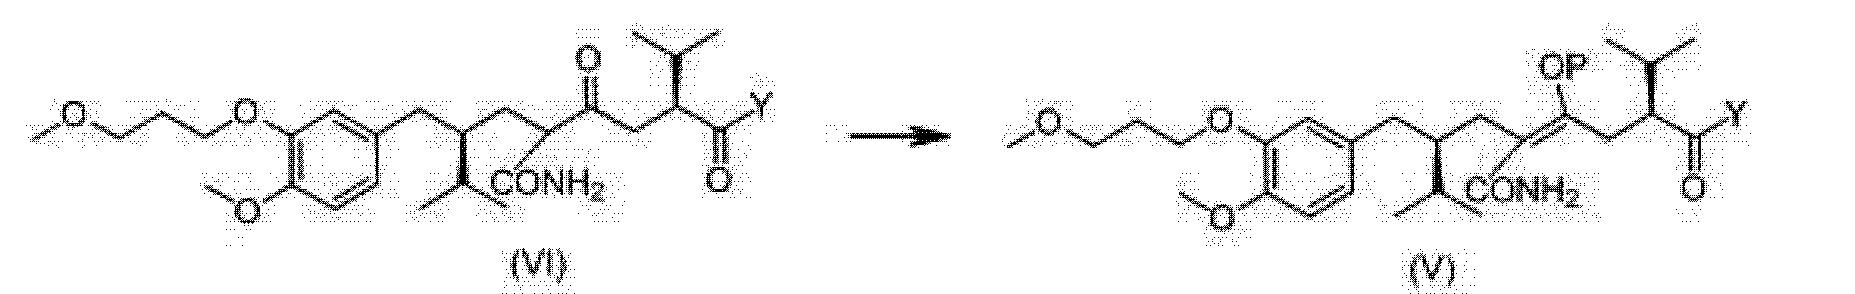 Figure CN103130677BD00052